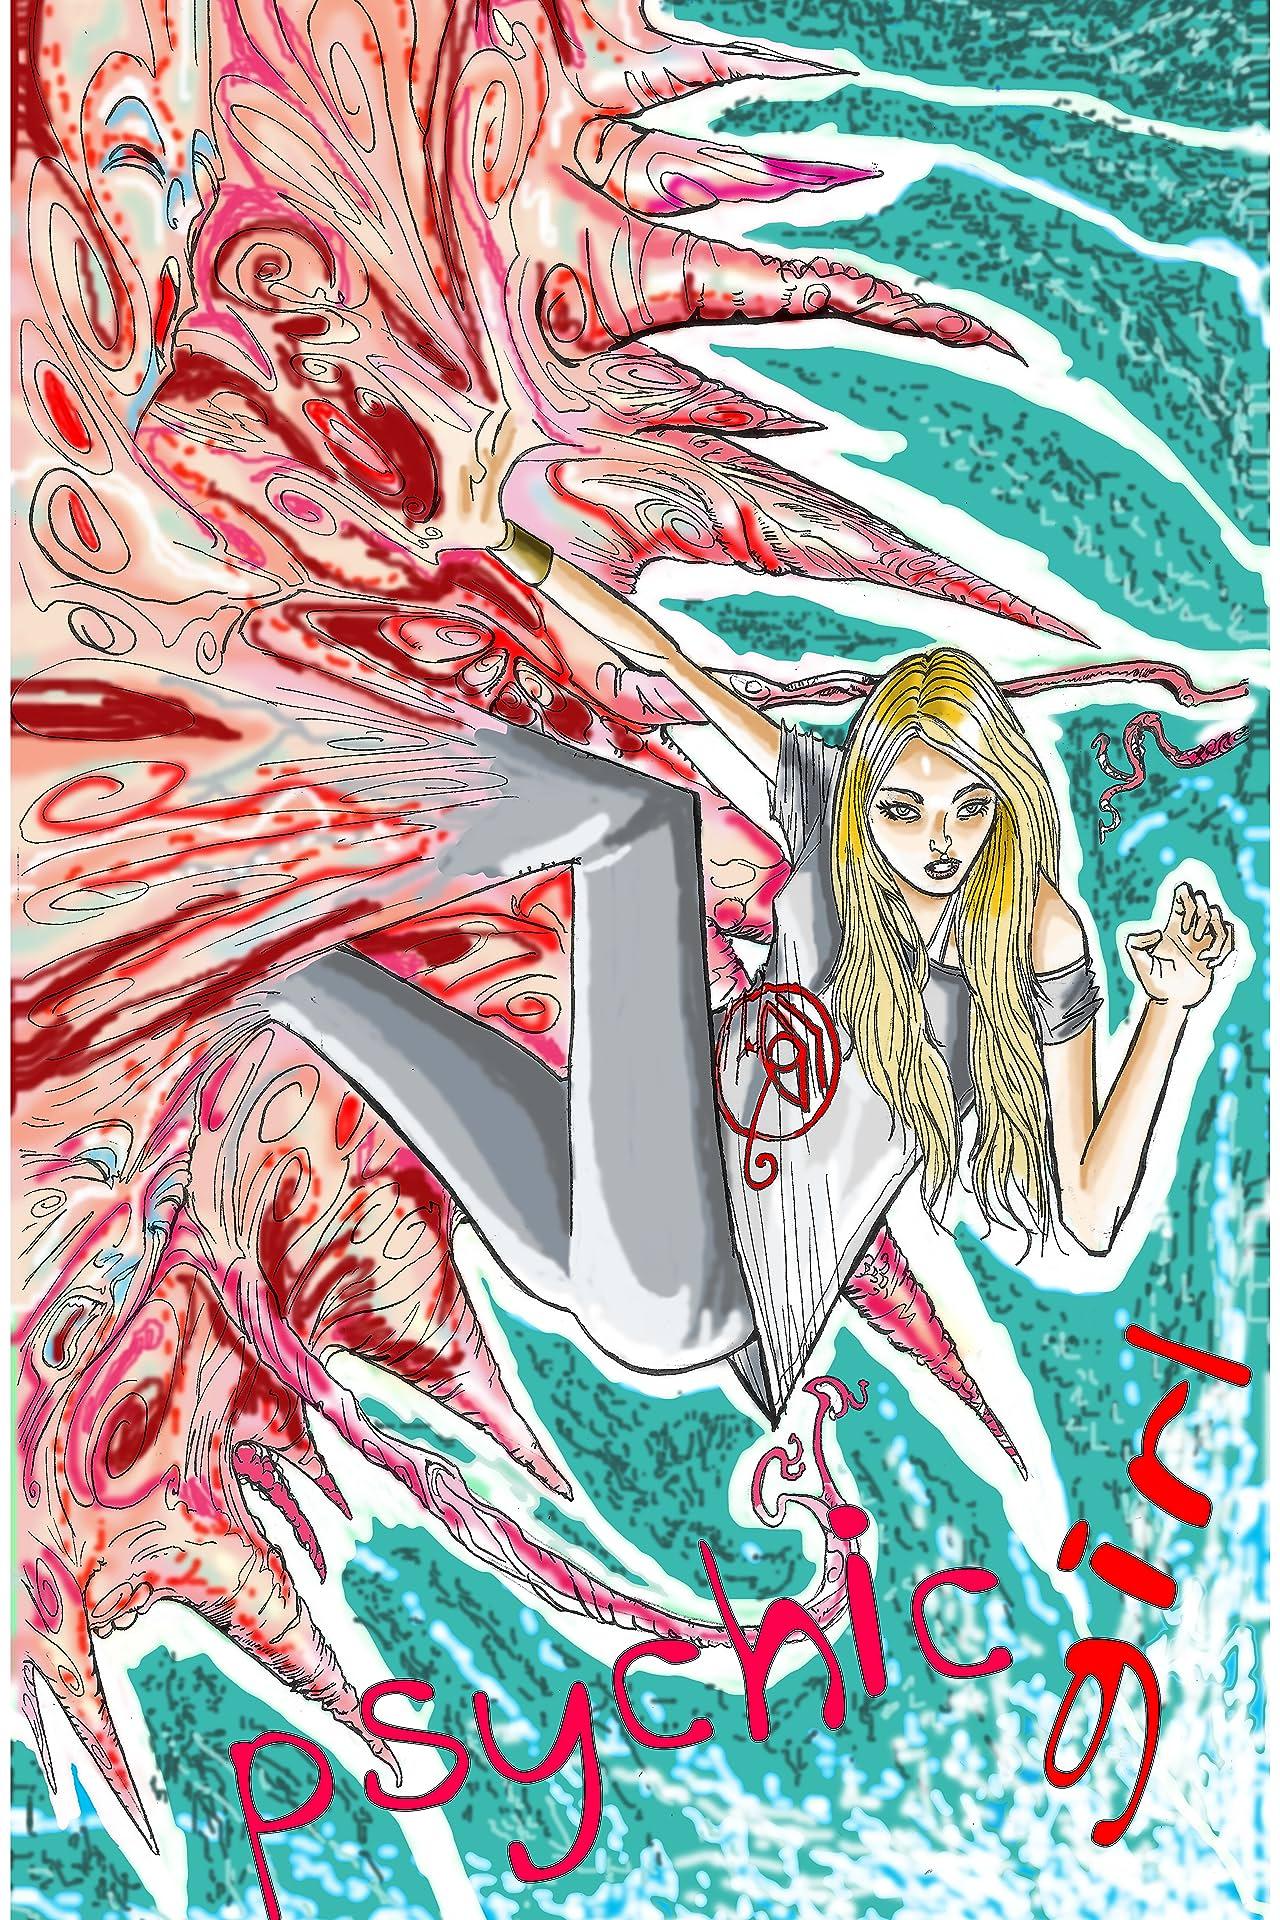 Psychic Girl #7